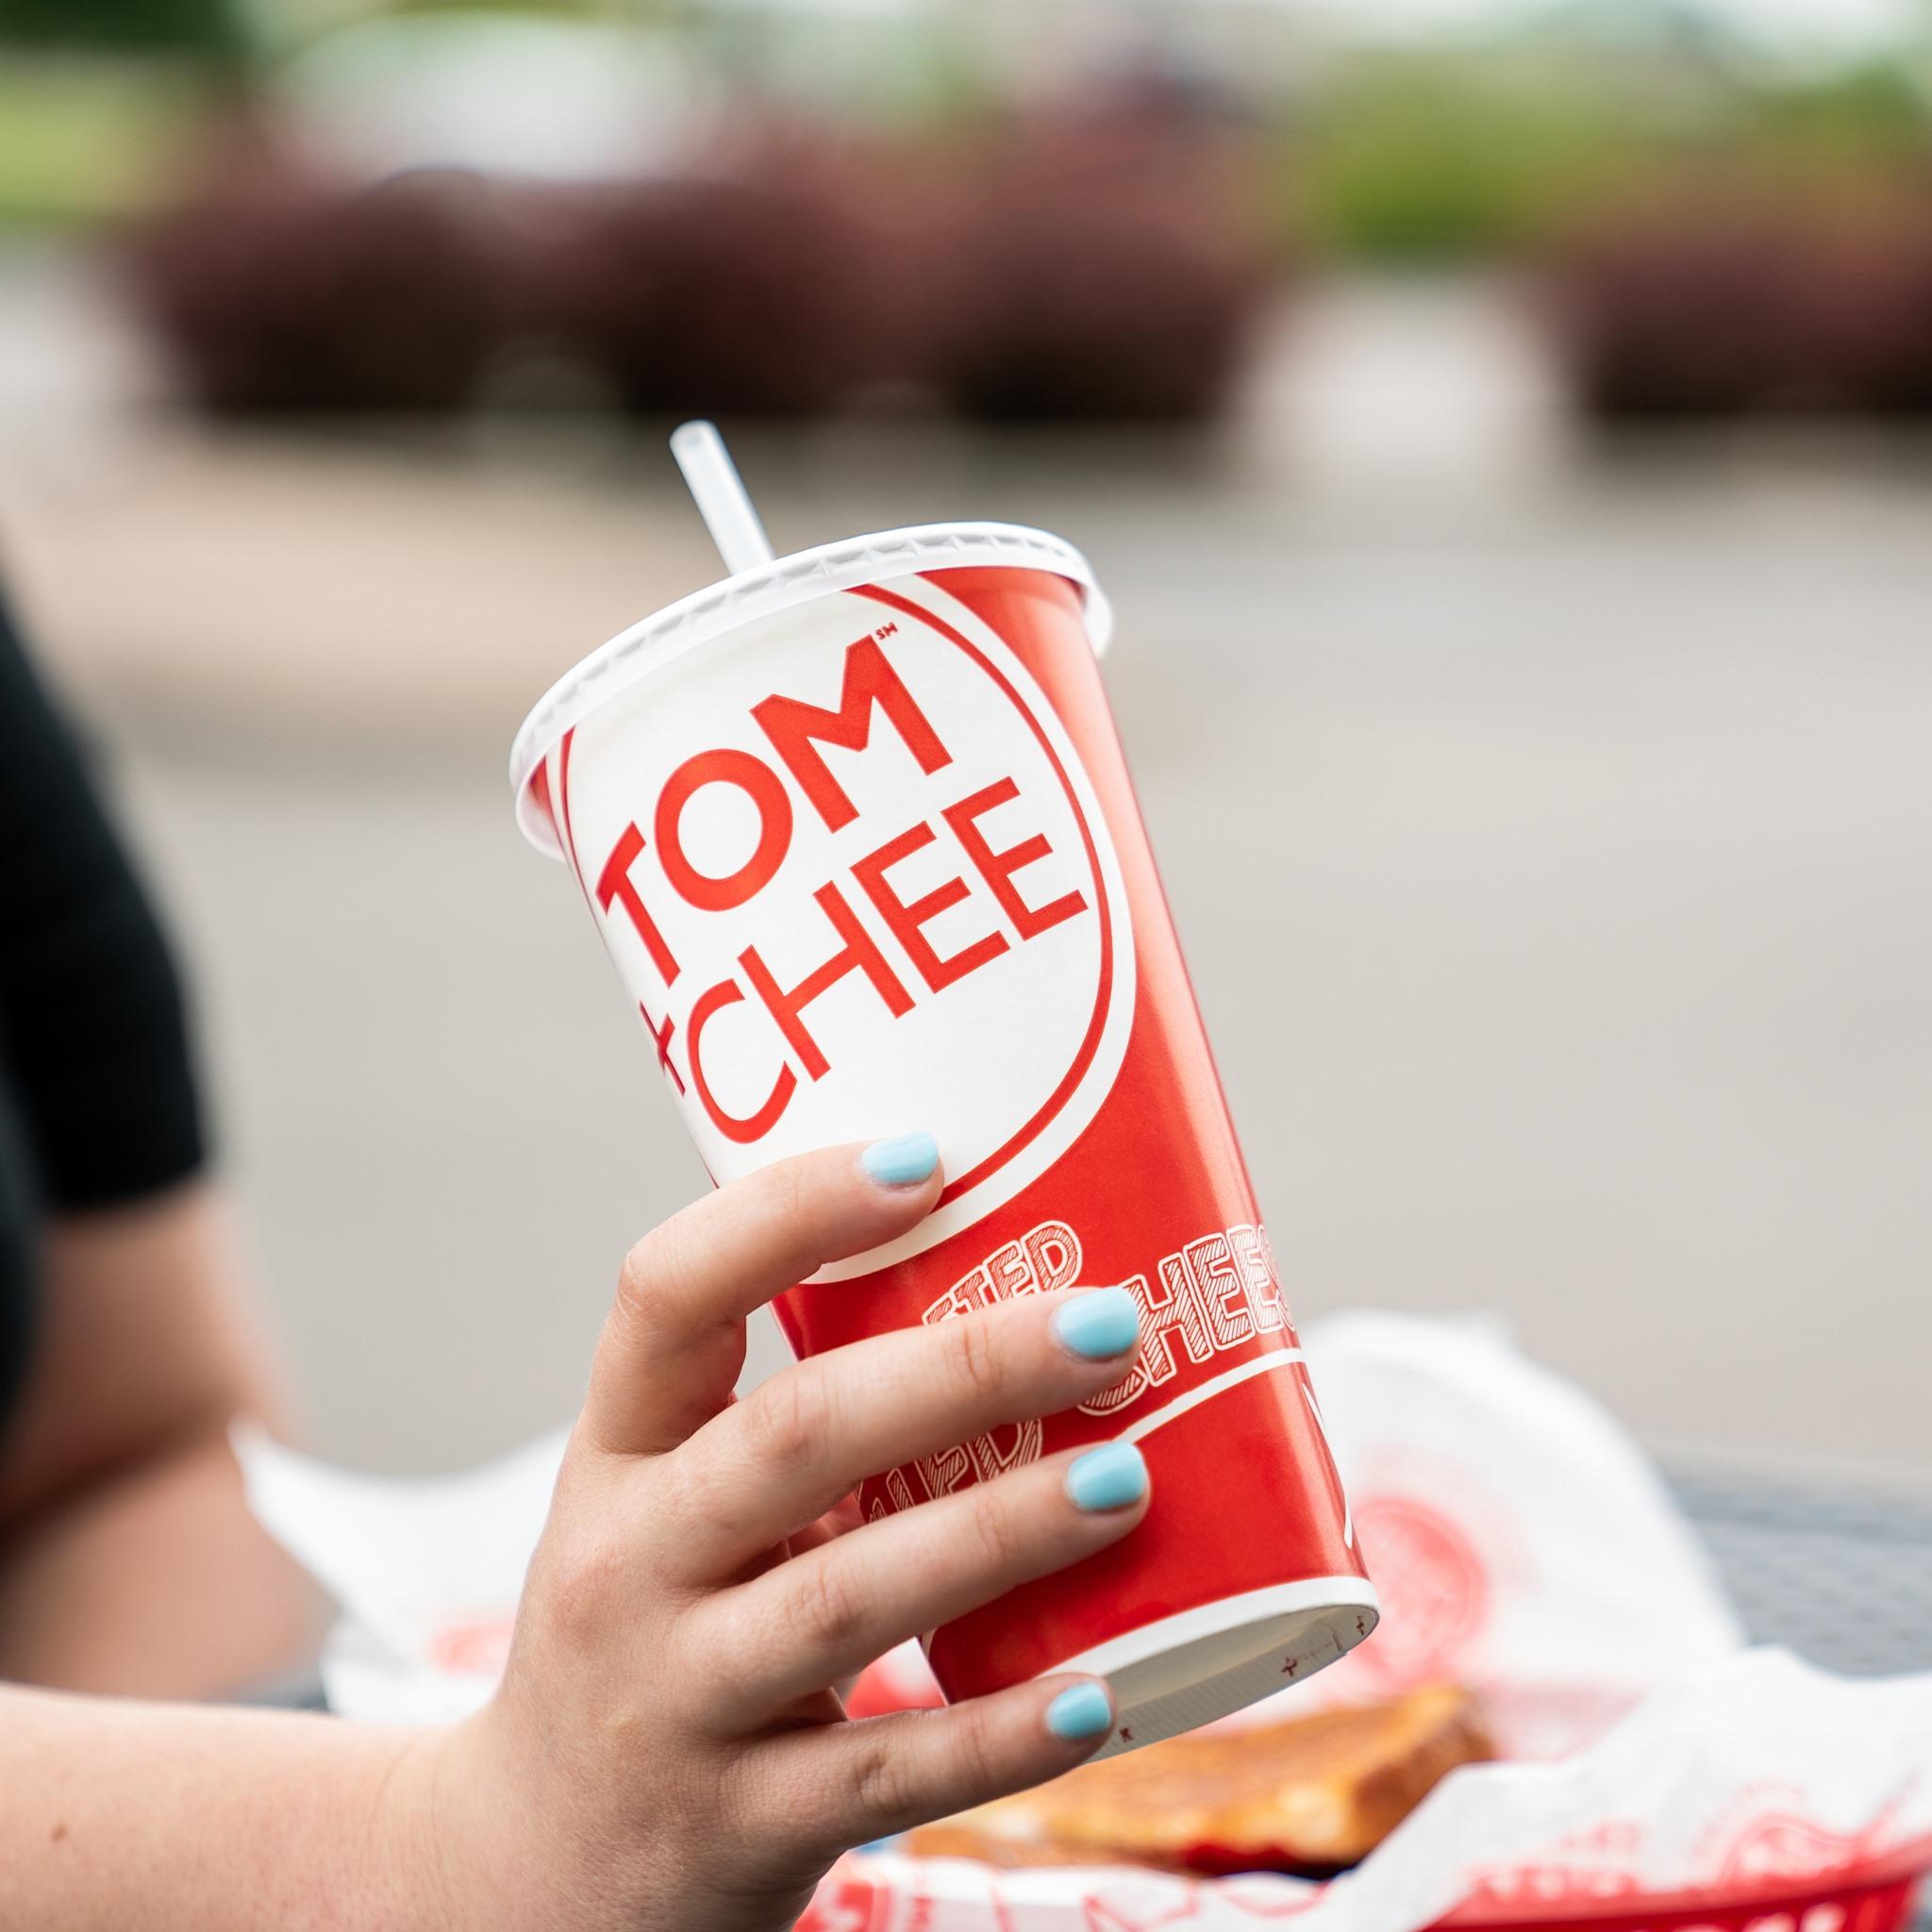 Tom & Chee 1 Levee Way, Newport